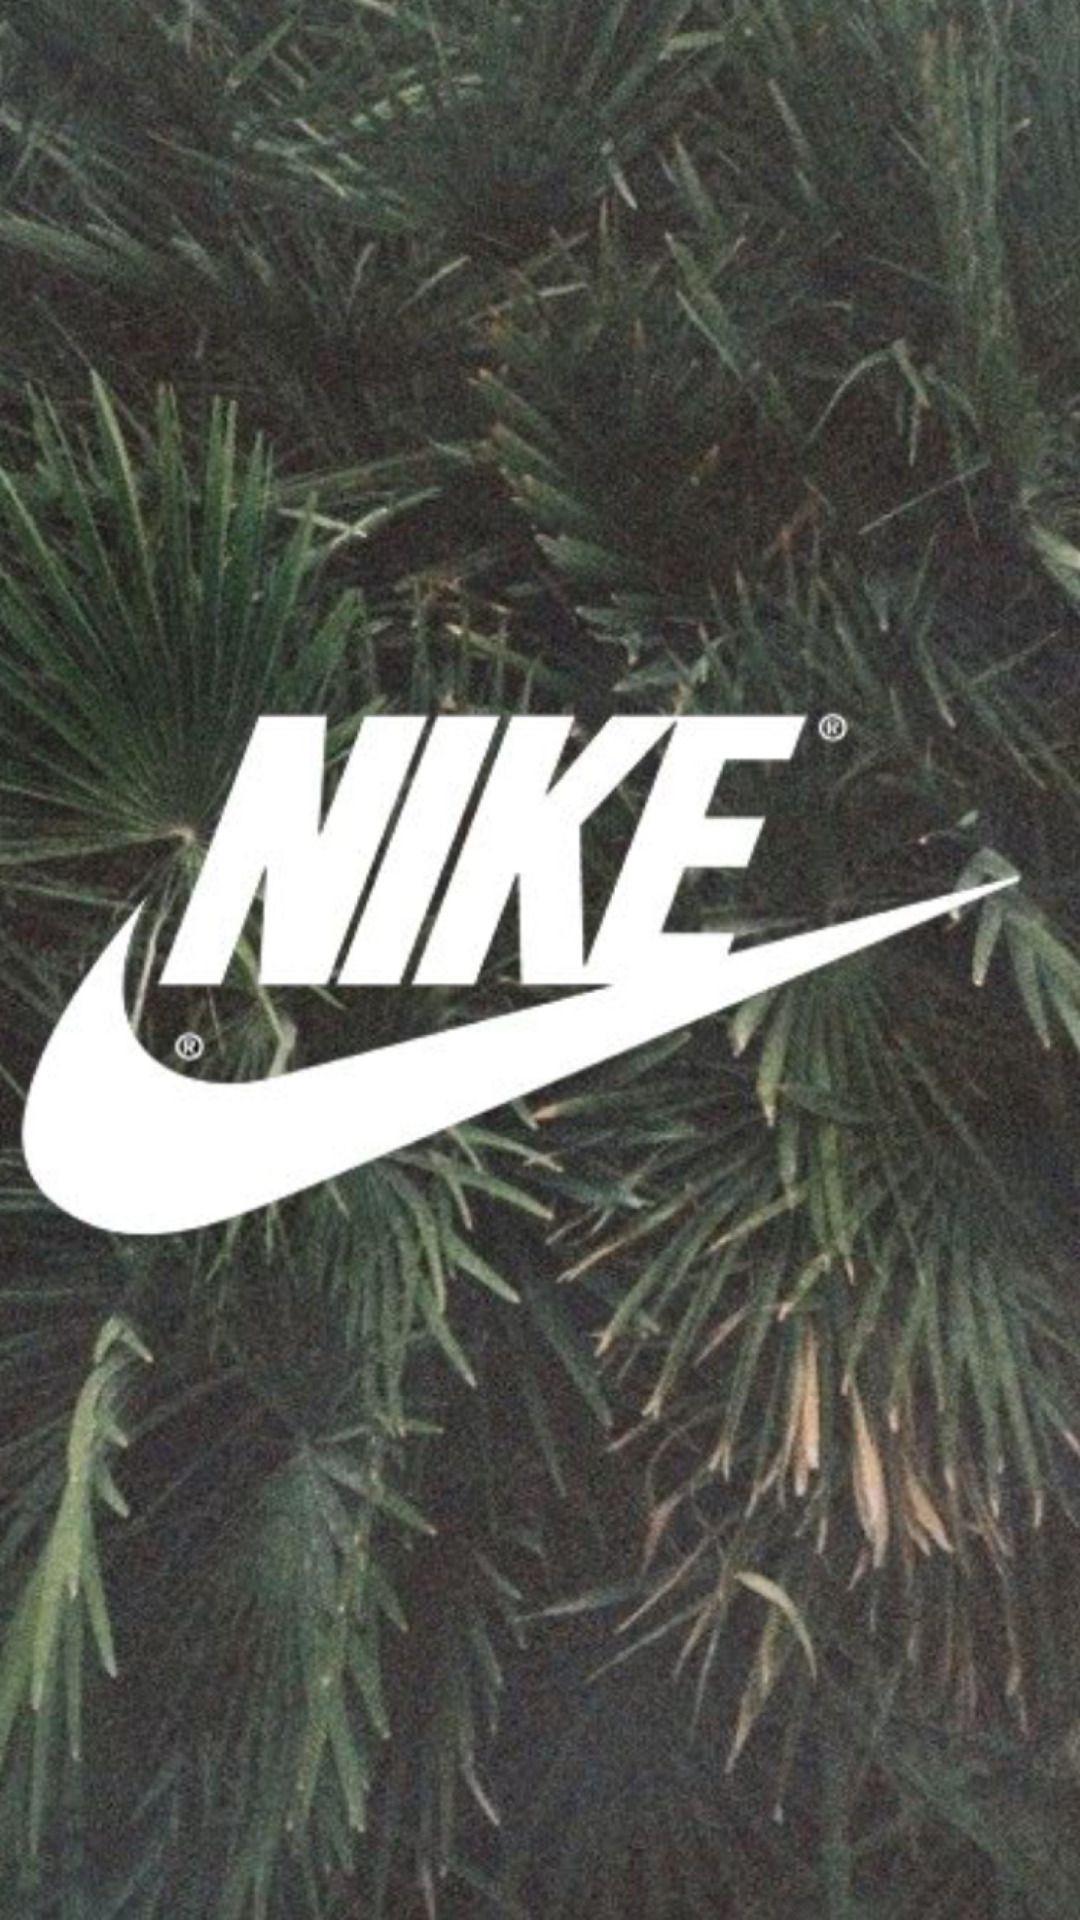 のベスト オシャレ かっこいい Nike 壁紙 に 最高の無料壁紙 Hd